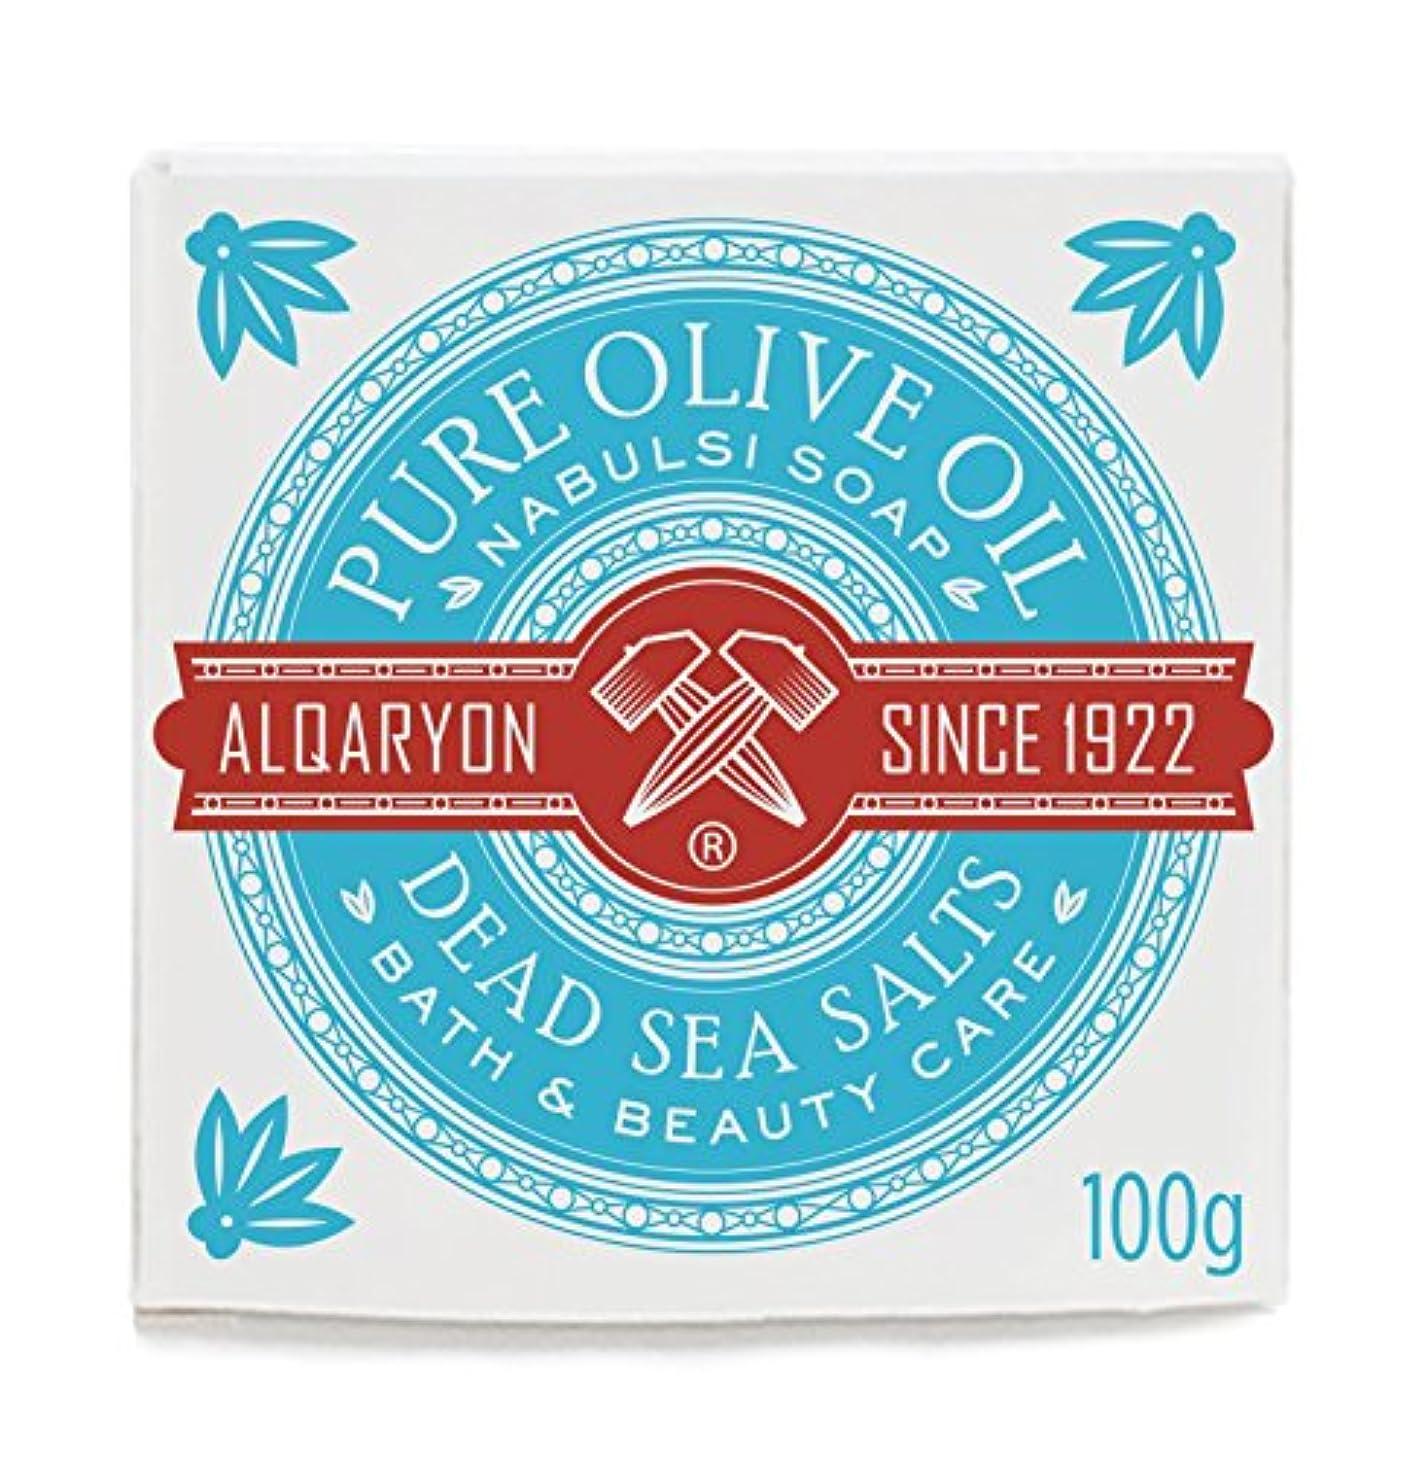 ブレンドロイヤリティ相談するAlqaryon Dead Sea Salts & Olive Oil Bar Soap, Pack of 4 Bars 100g- Alqaryonの死海で取れる塩&オリーブオイル ソープ、バス & ビューティー ケア...